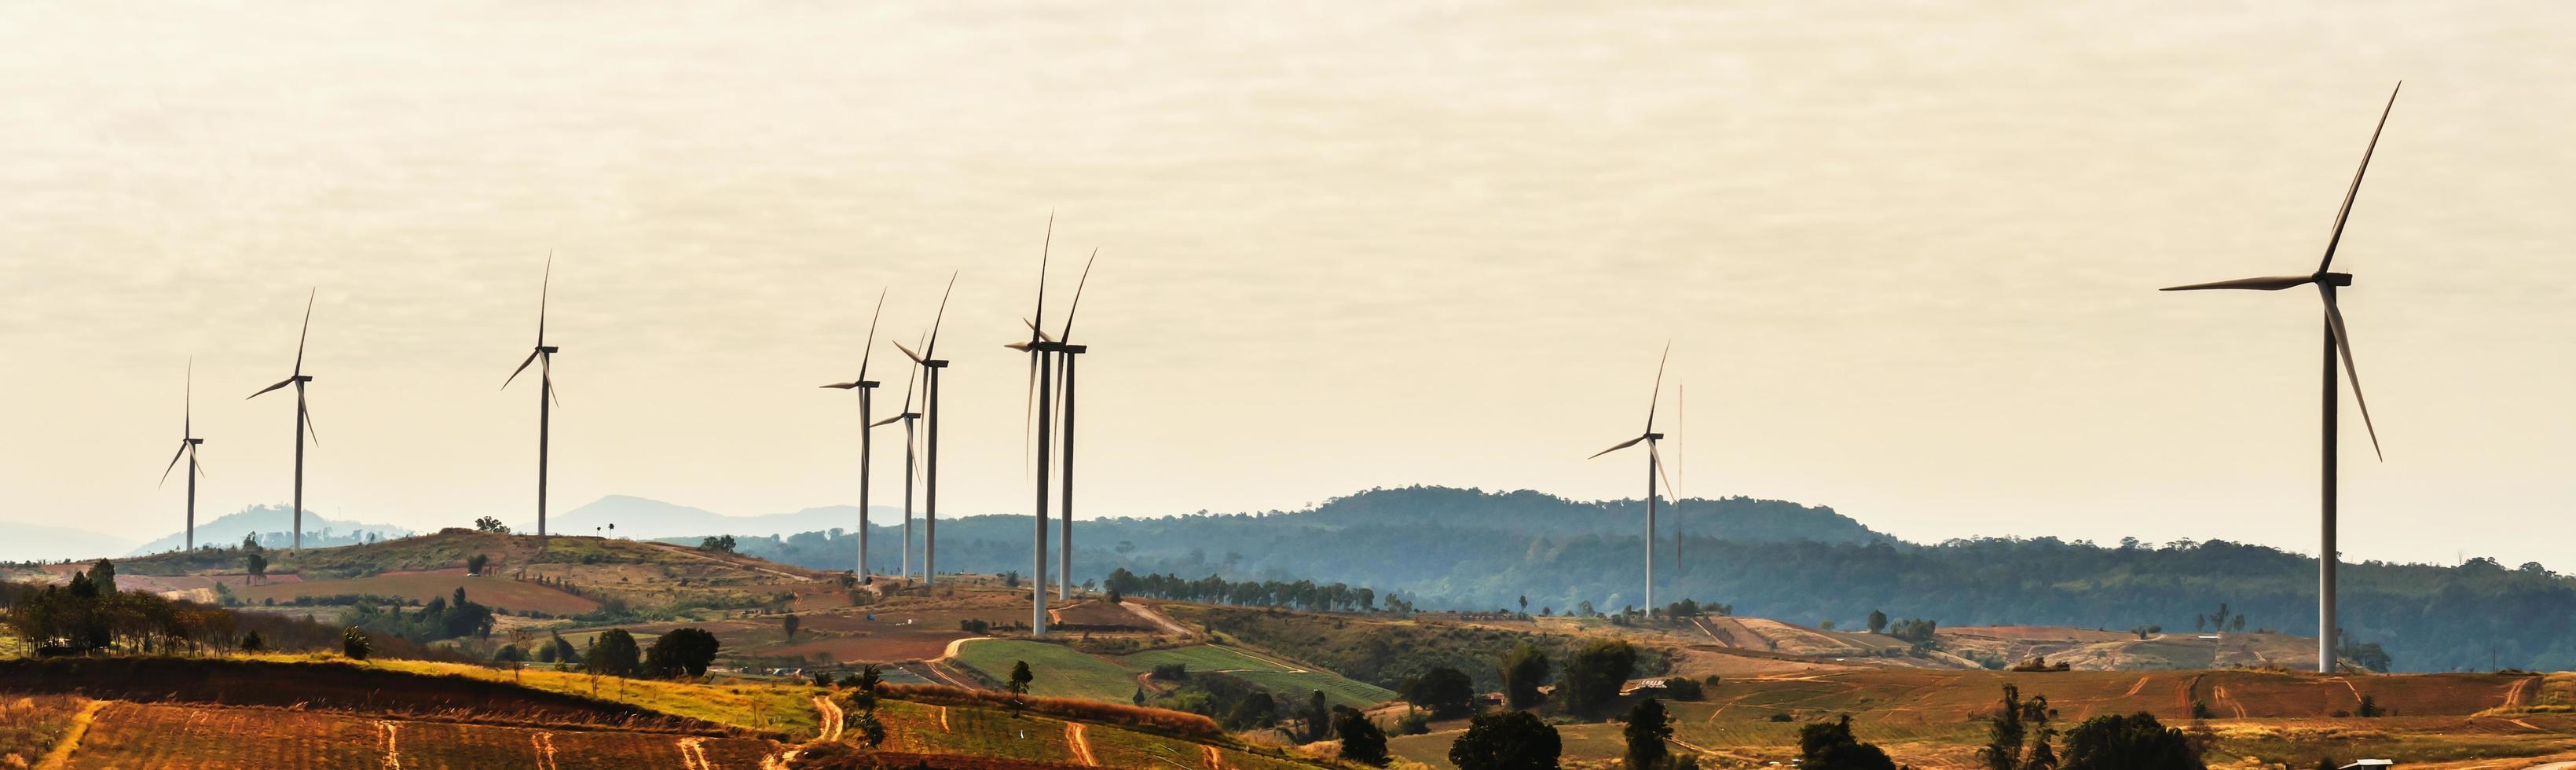 Windkraftanlagen bewegen sich an einem sonnigen Nachmittag foto